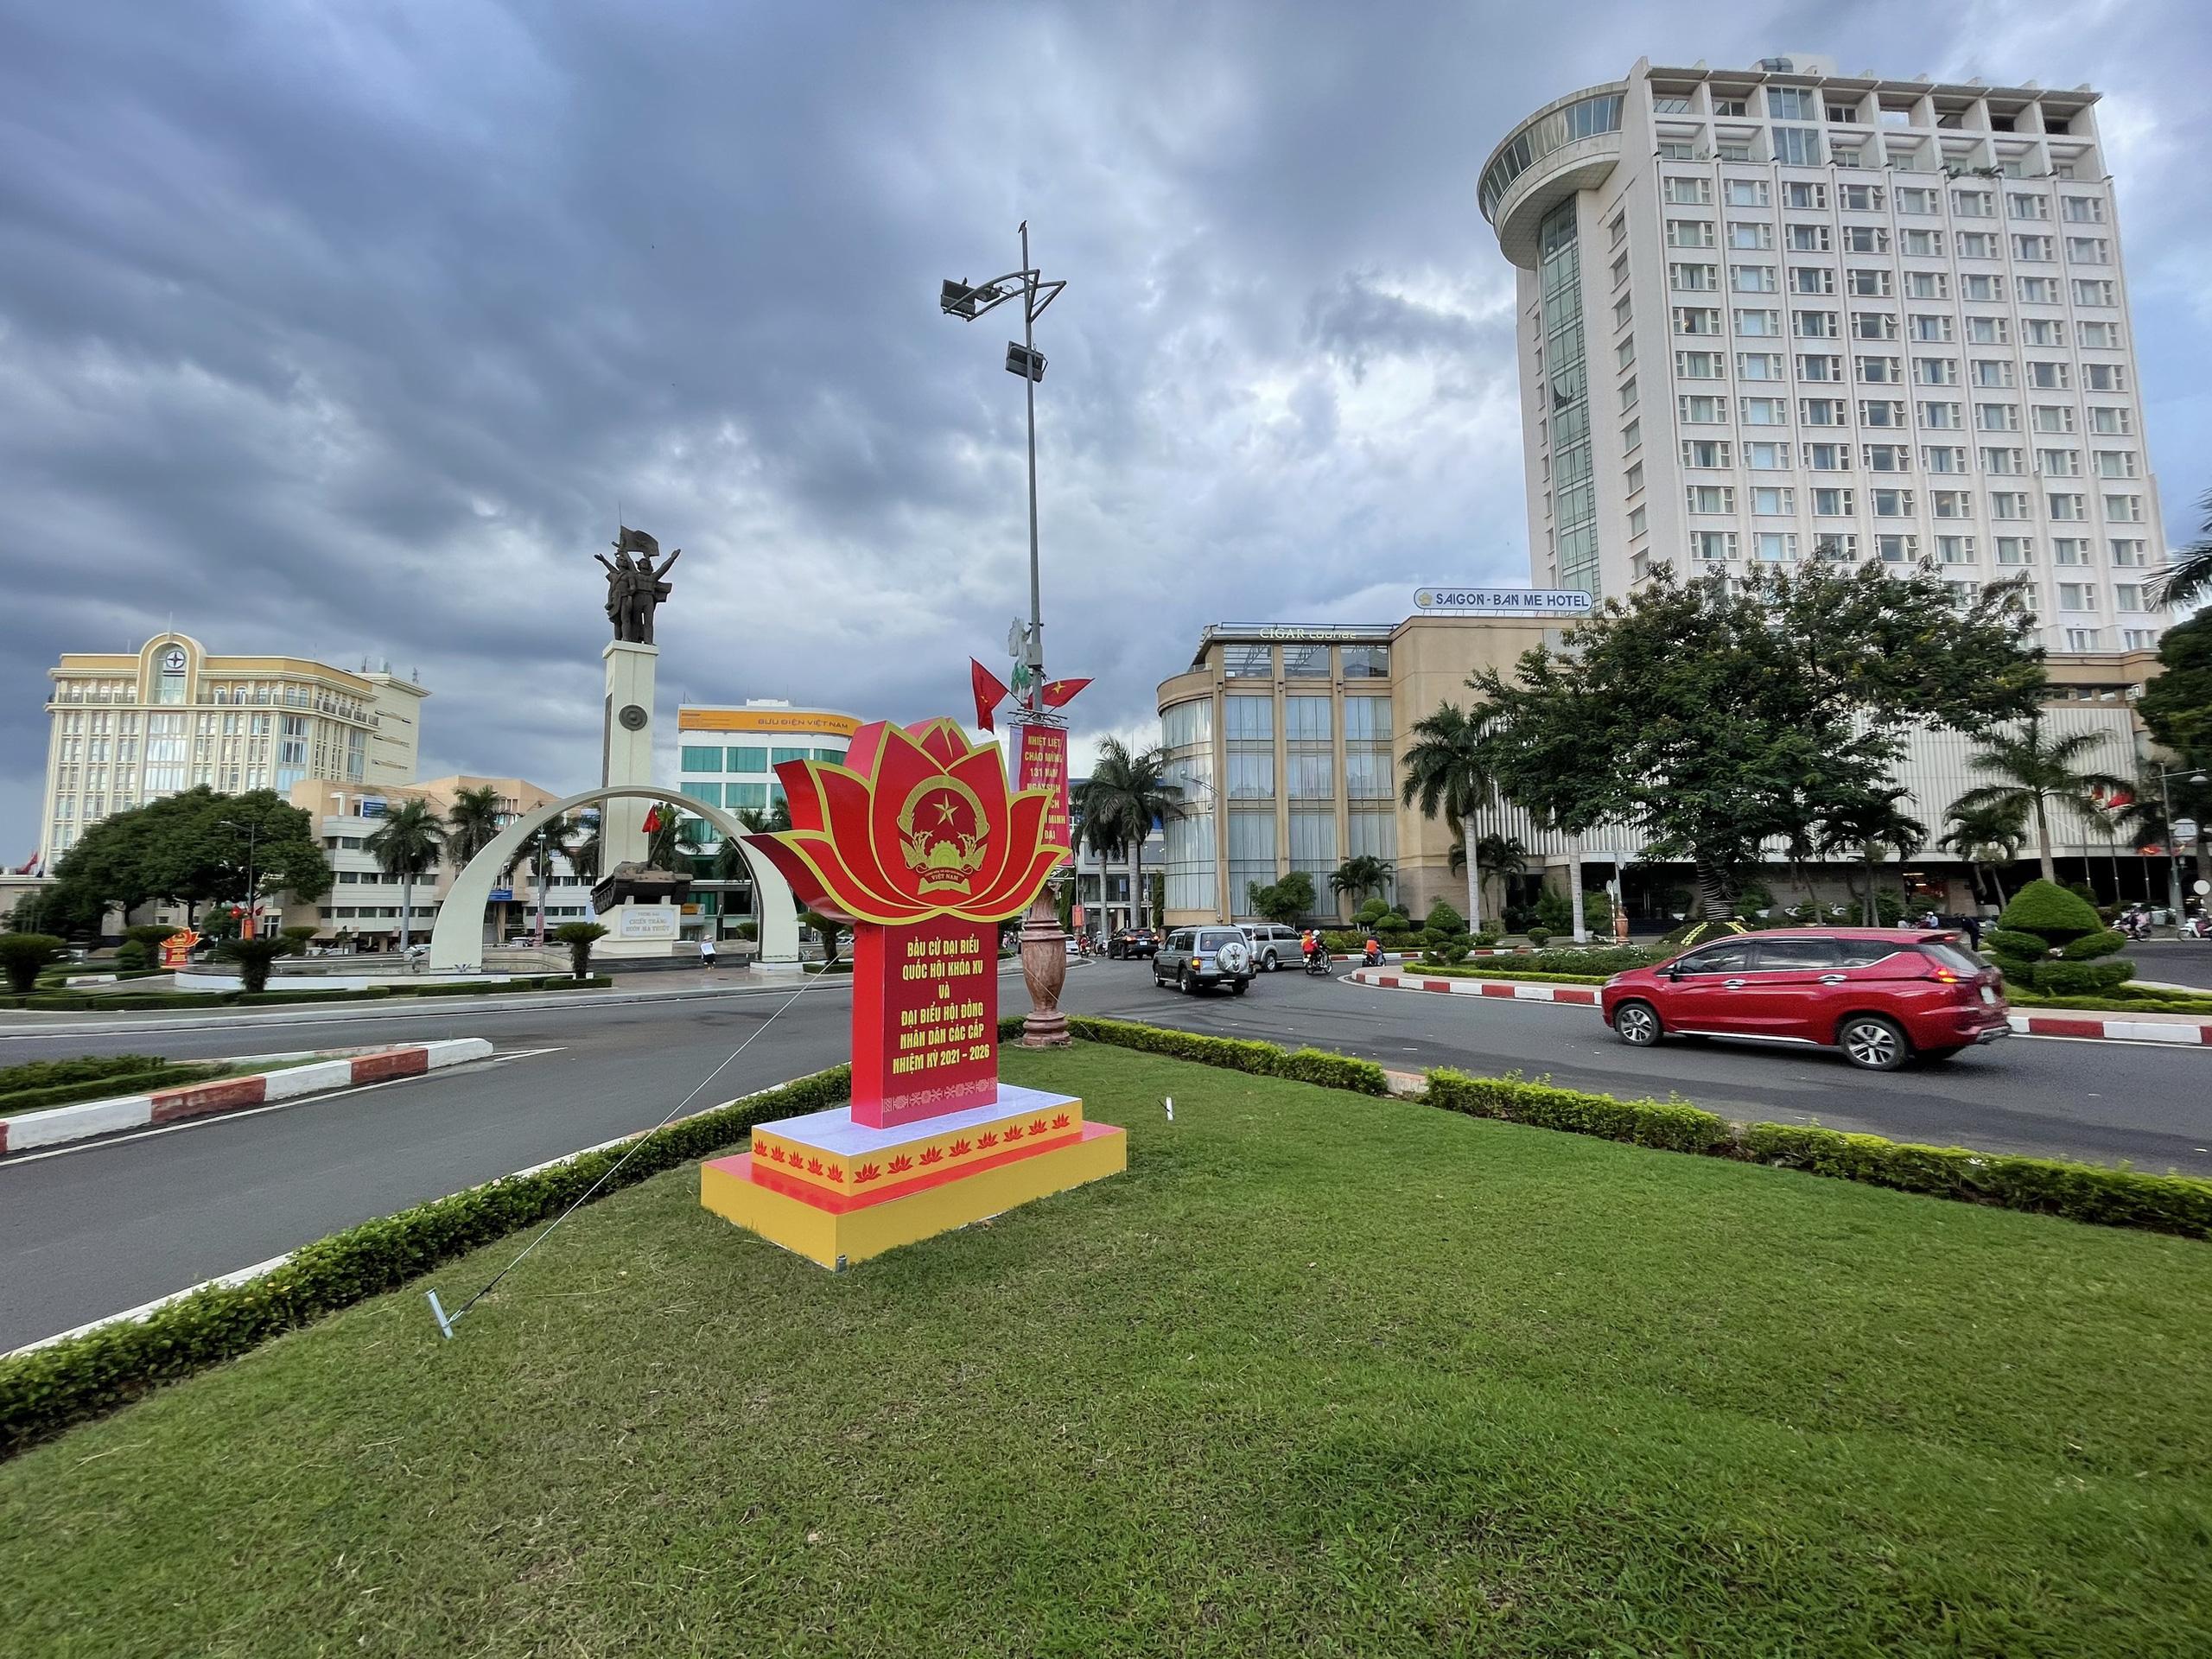 Đắk Lắk: Công tác chuẩn bị bầu cử ở thành phố lớn nhất Tây Nguyên  - Ảnh 4.